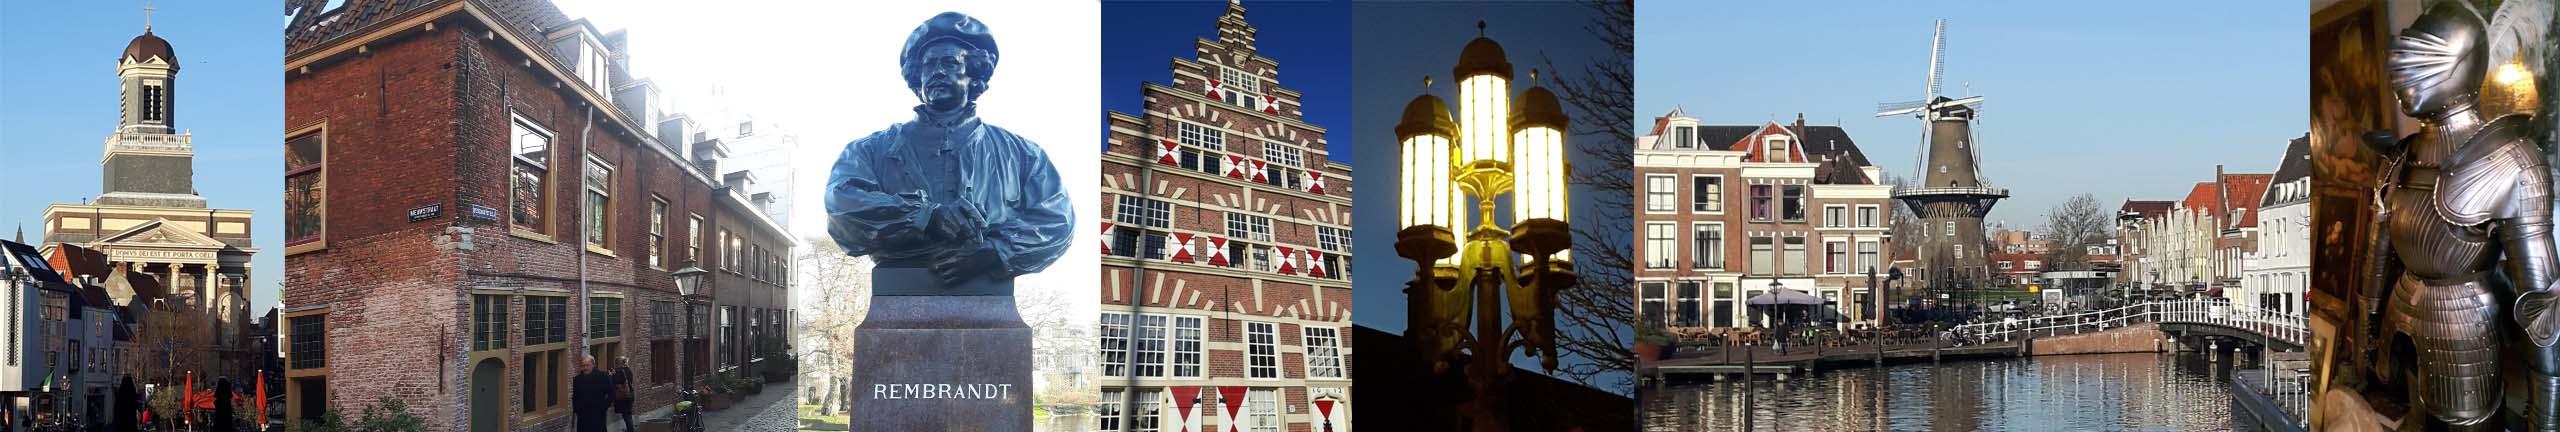 Leiden City Tour